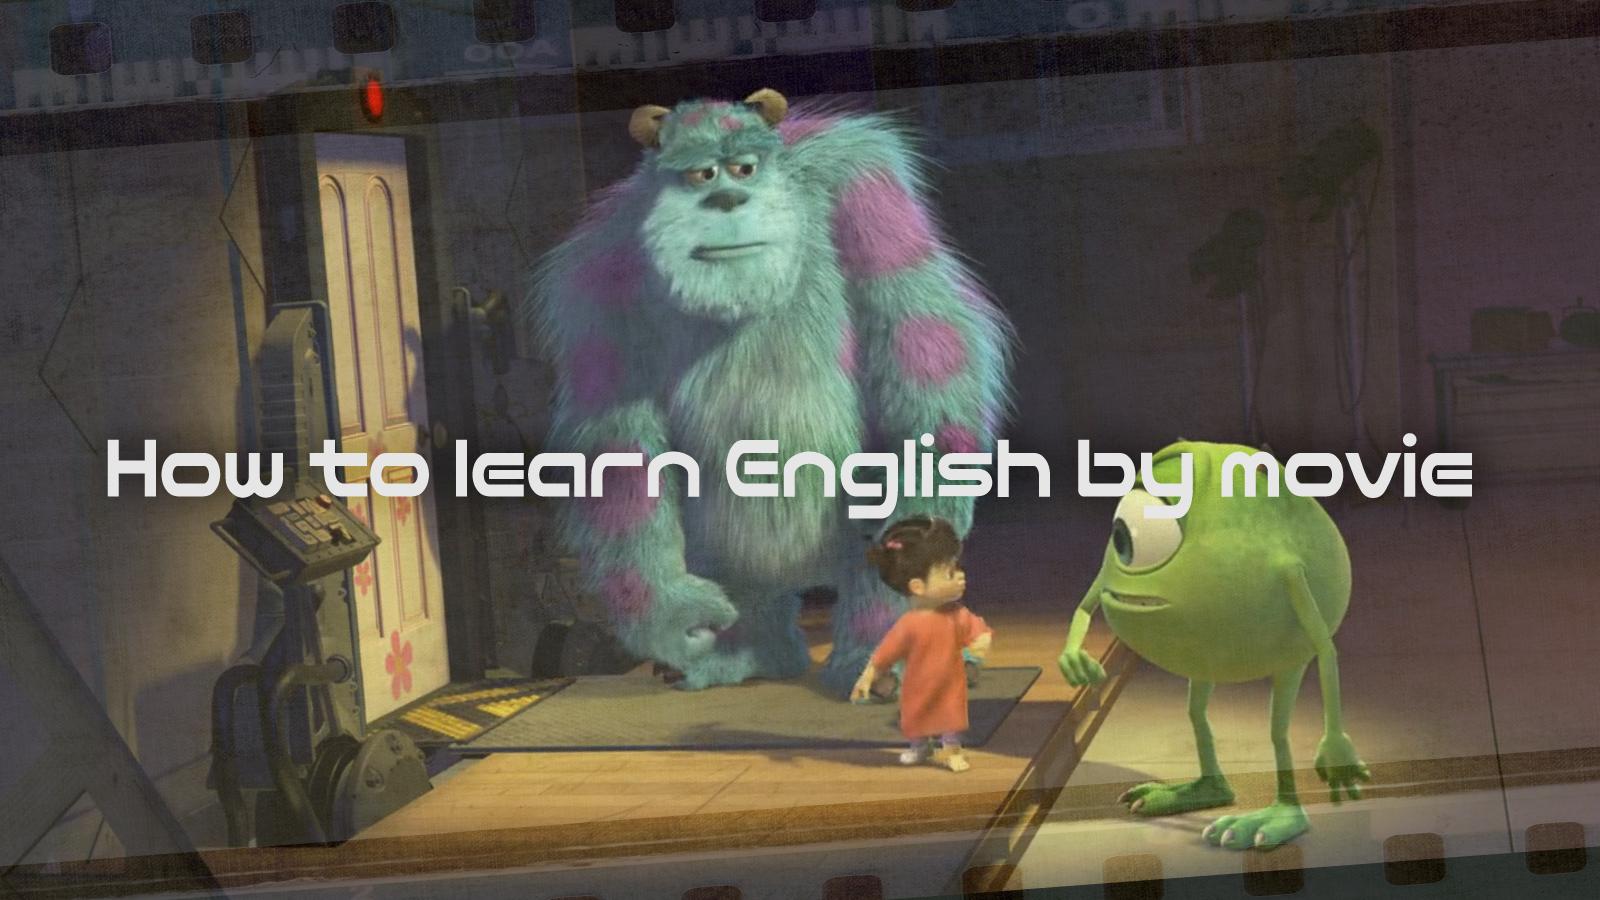 英語中級者にオススメ|アレクシス先生直伝!映画をみながら英語を学ぼう!